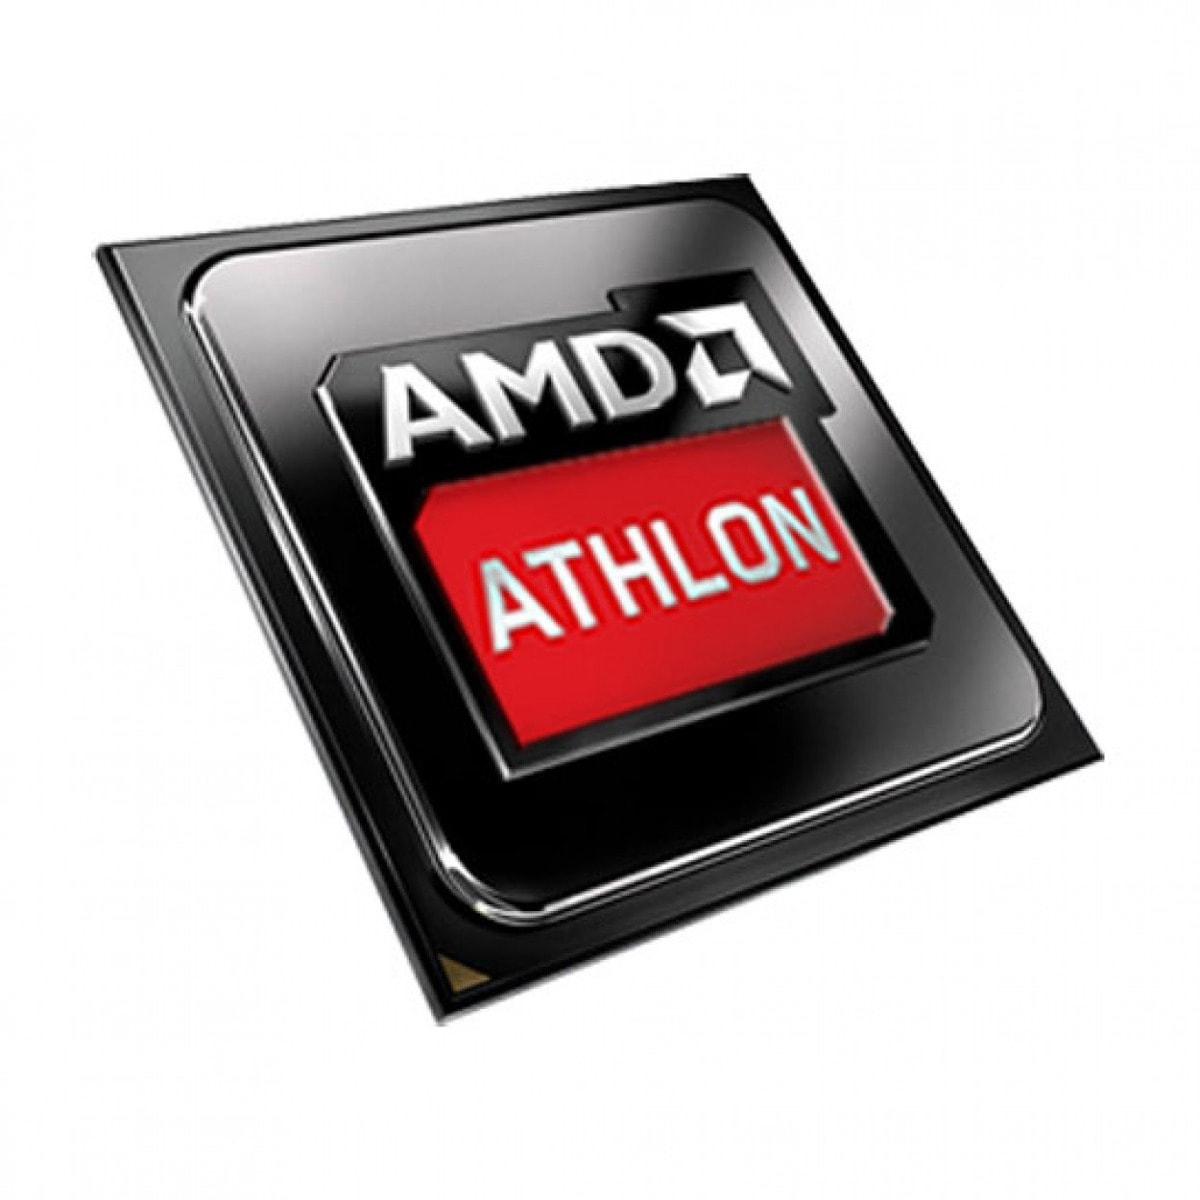 Processador AMD Athlon X2 240 2M Cache / 2800 MHz / 2.0 GHz - Seminovo